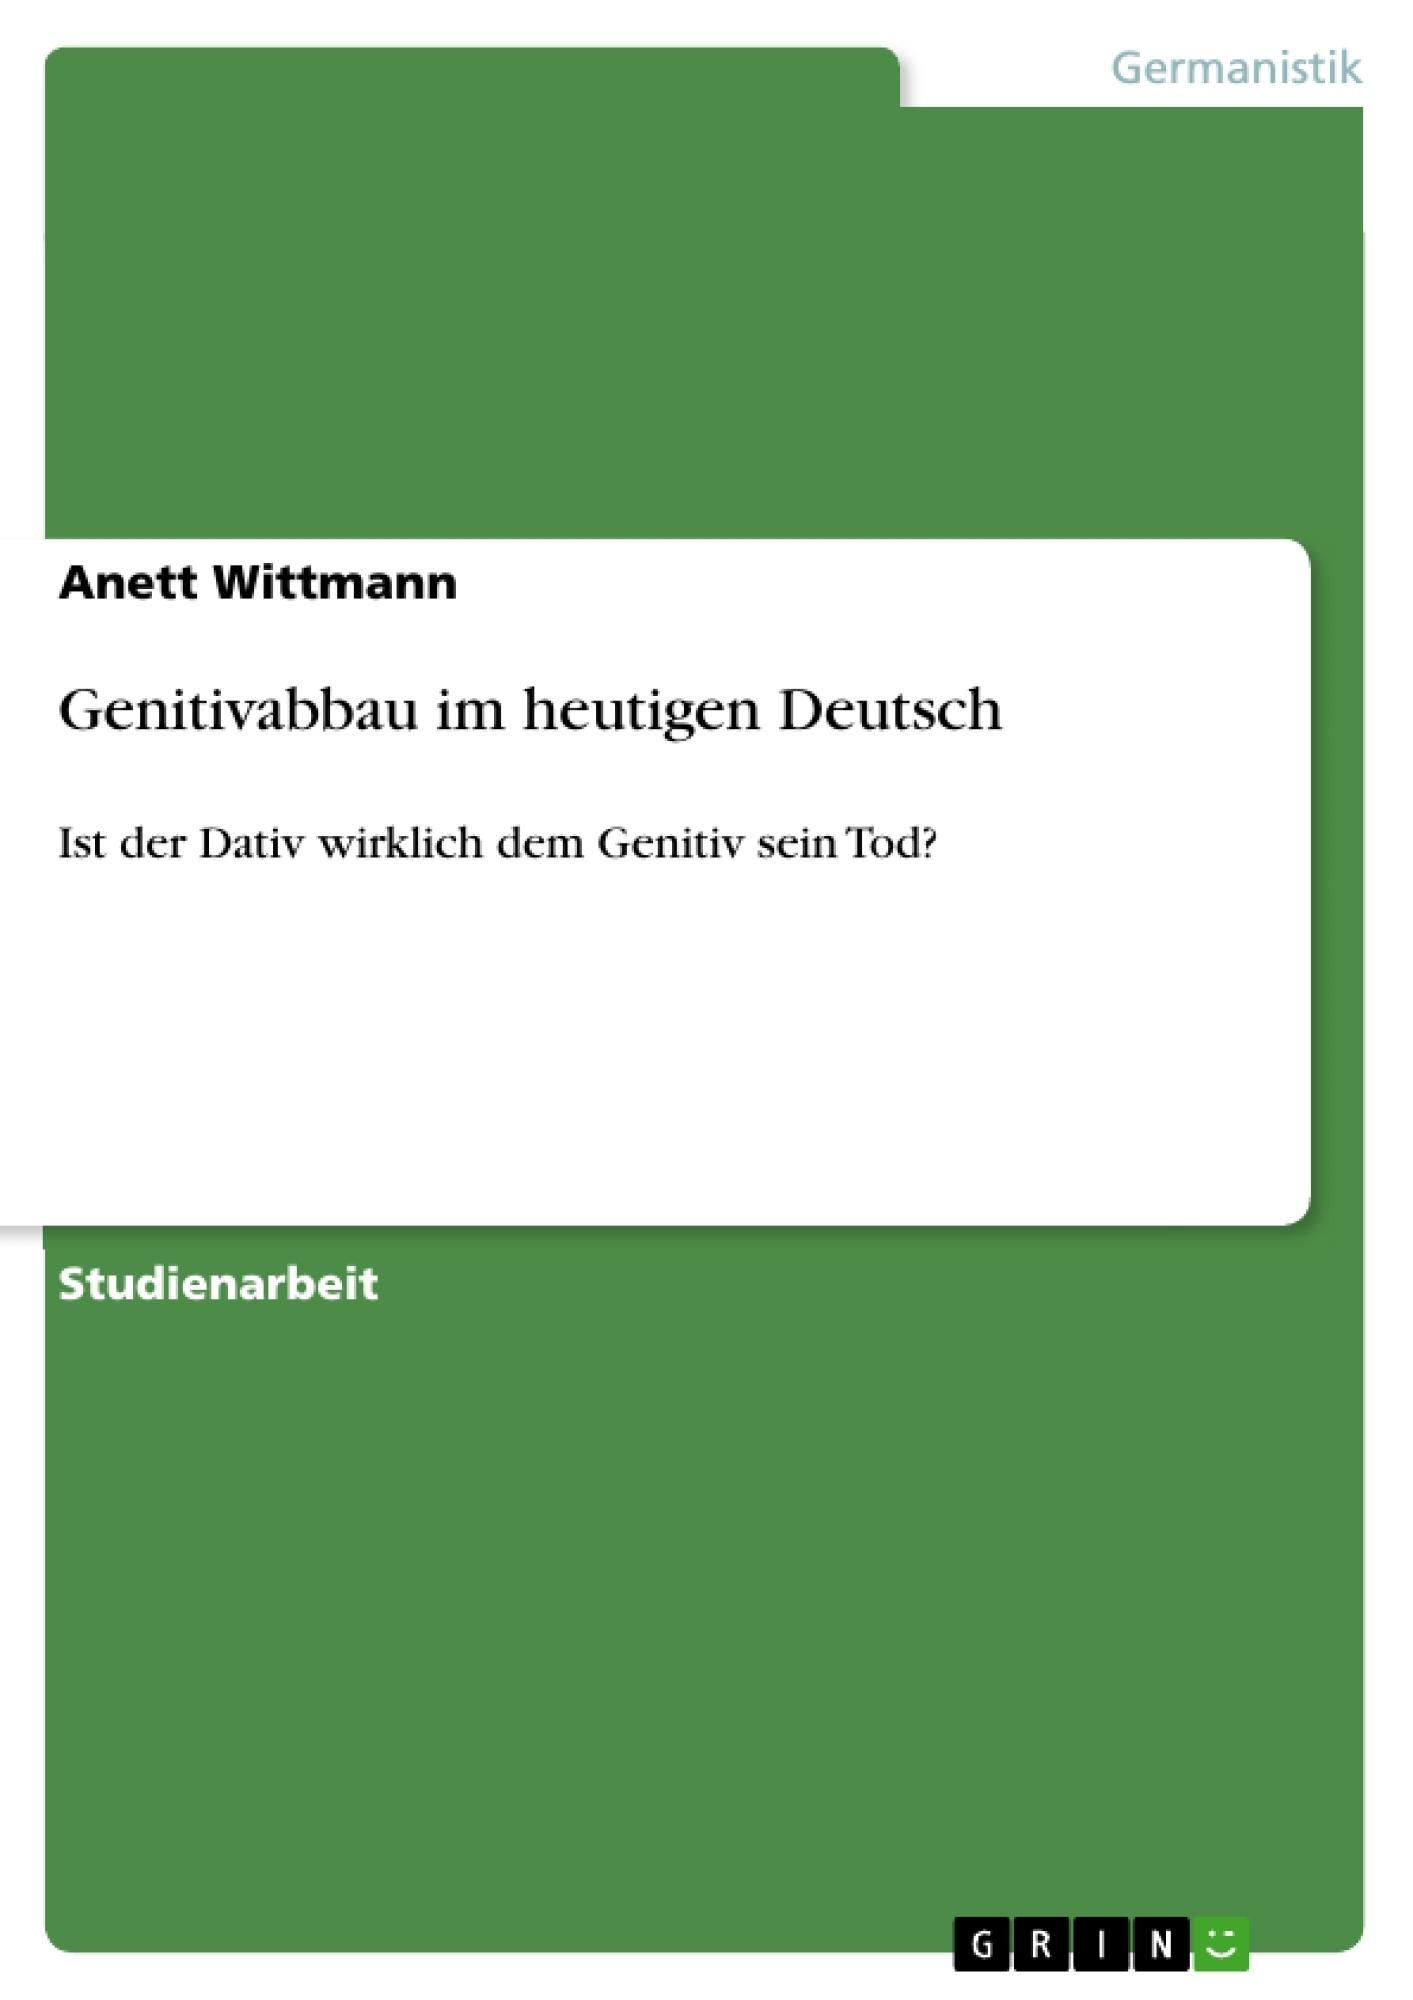 Titel: Genitivabbau im heutigen Deutsch